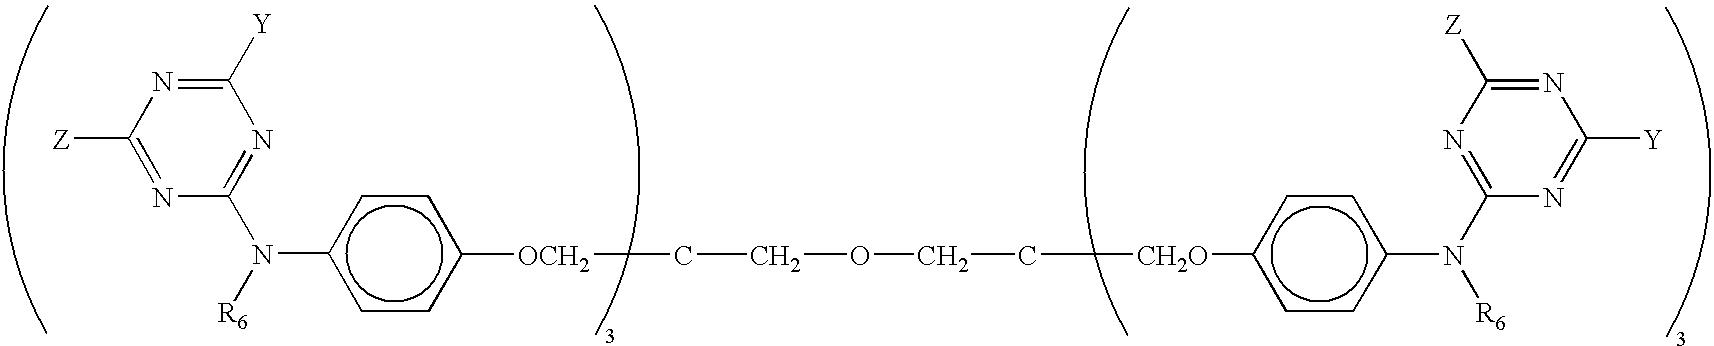 Figure US07087752-20060808-C00014